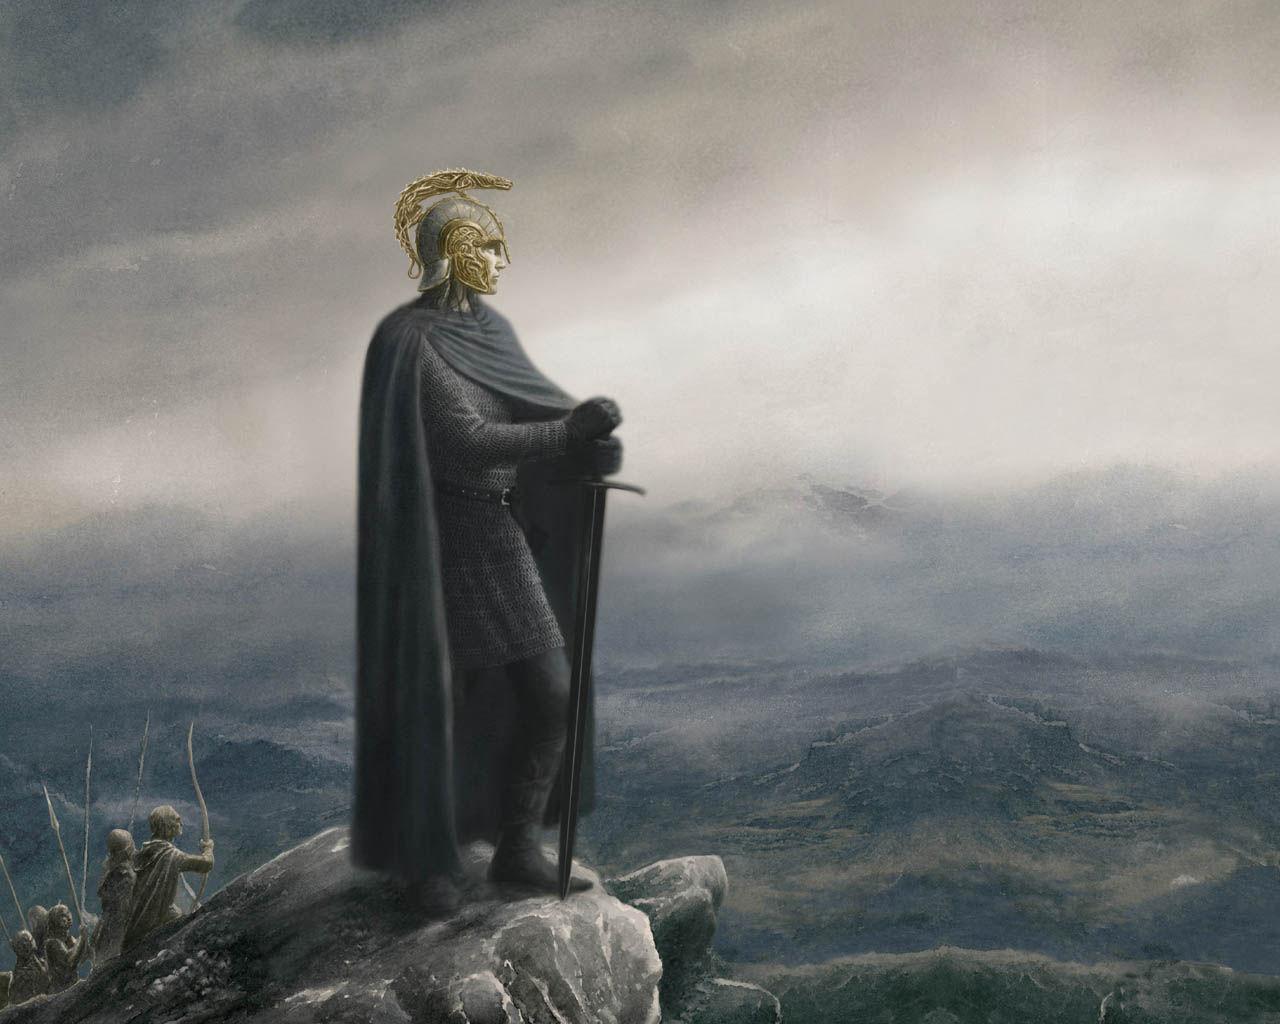 ¿ Quién abatirá al Señor Oscuro en la Dagor Dagorath?